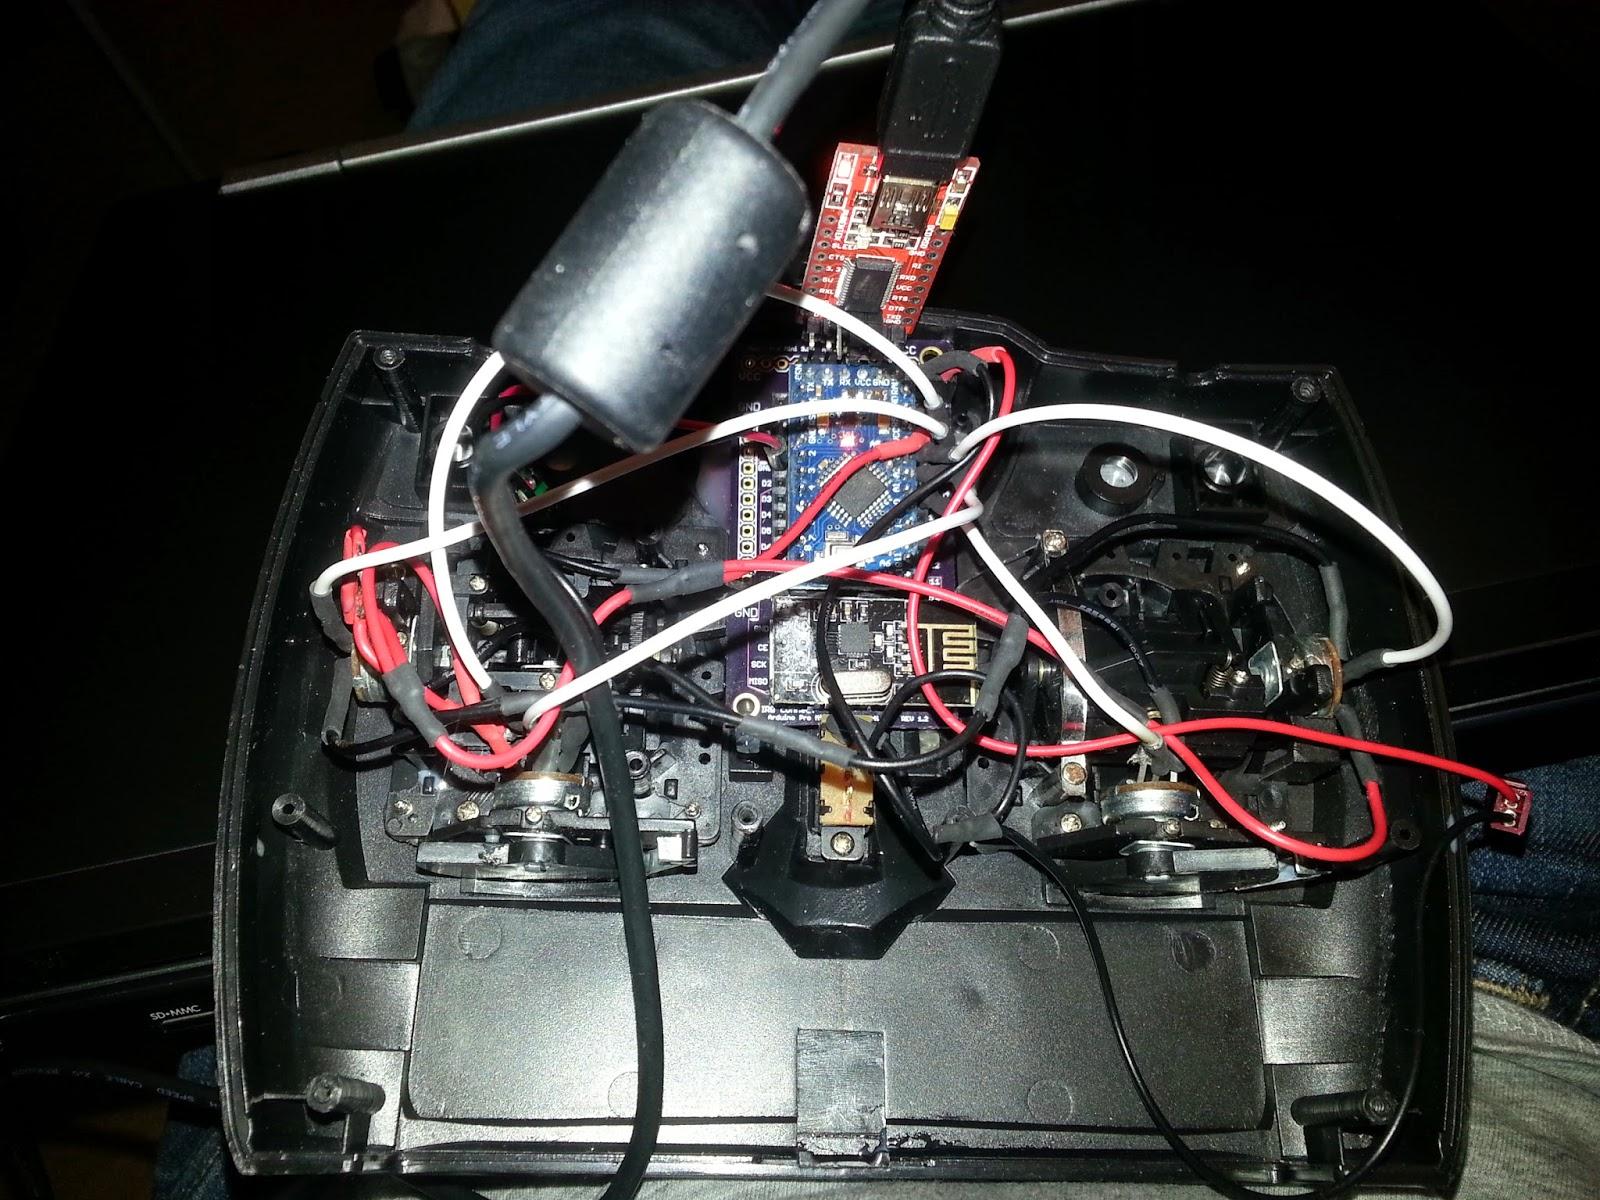 Arduino pro mini v wireless nrf l board remote